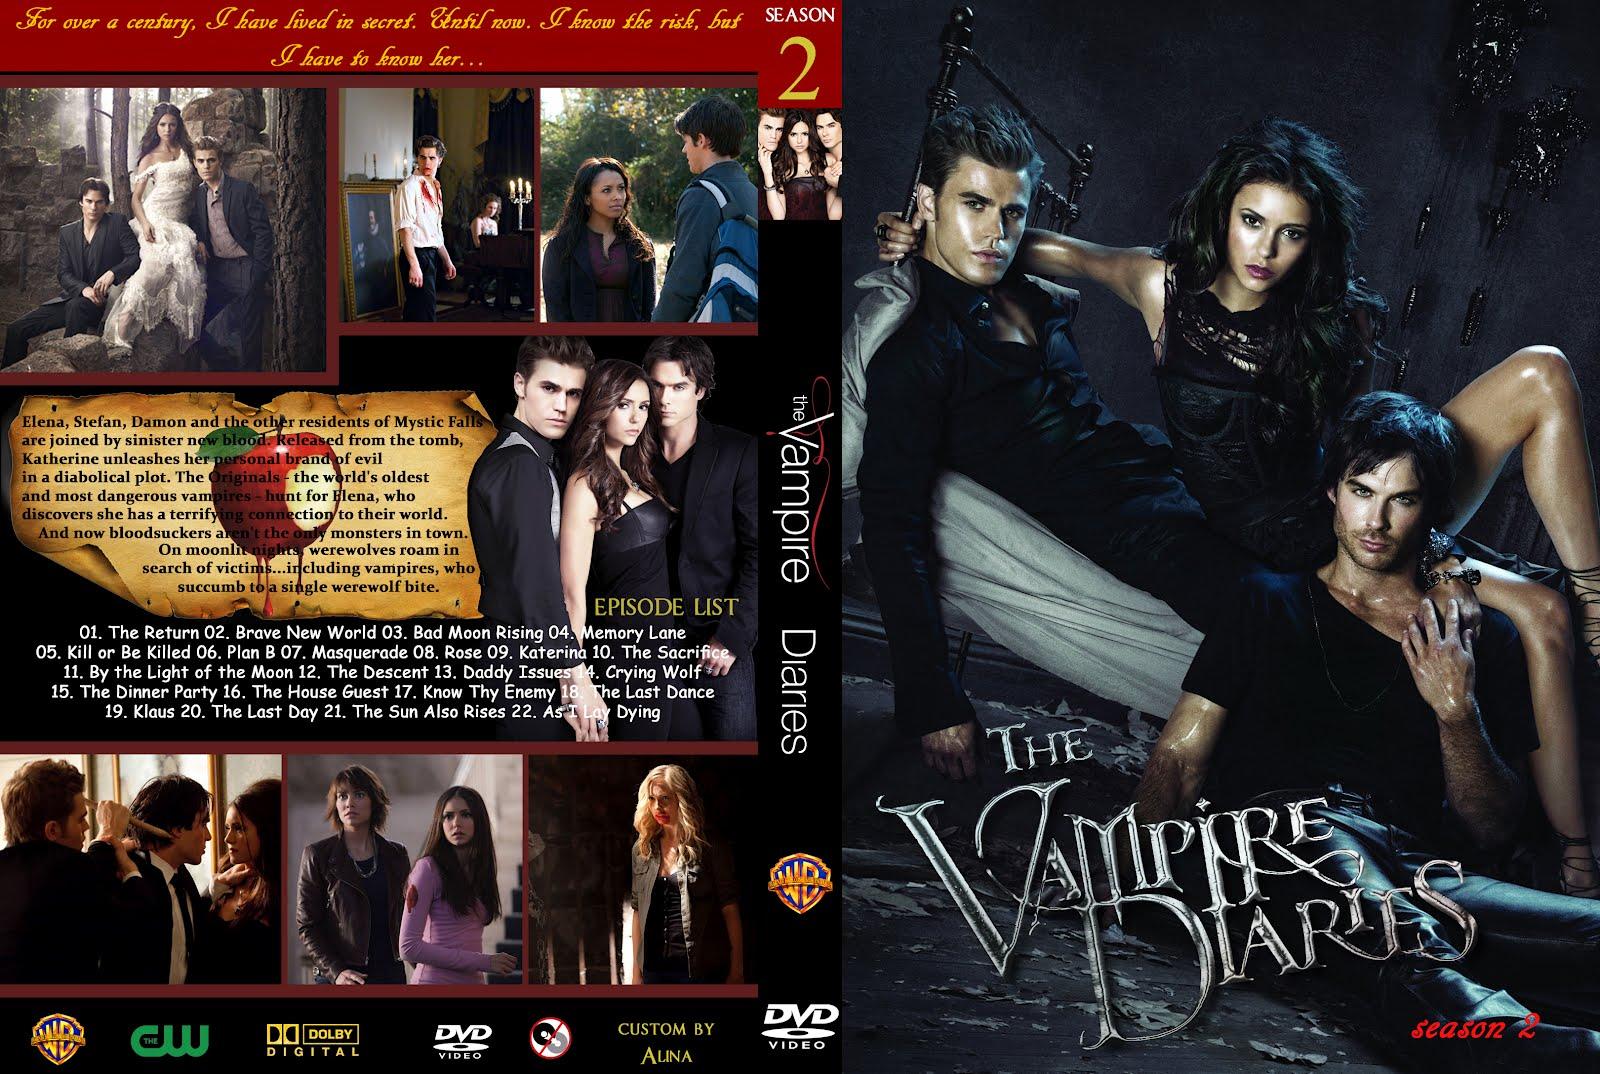 смотреть 3 сезон дневники вампира смотреть онлайн